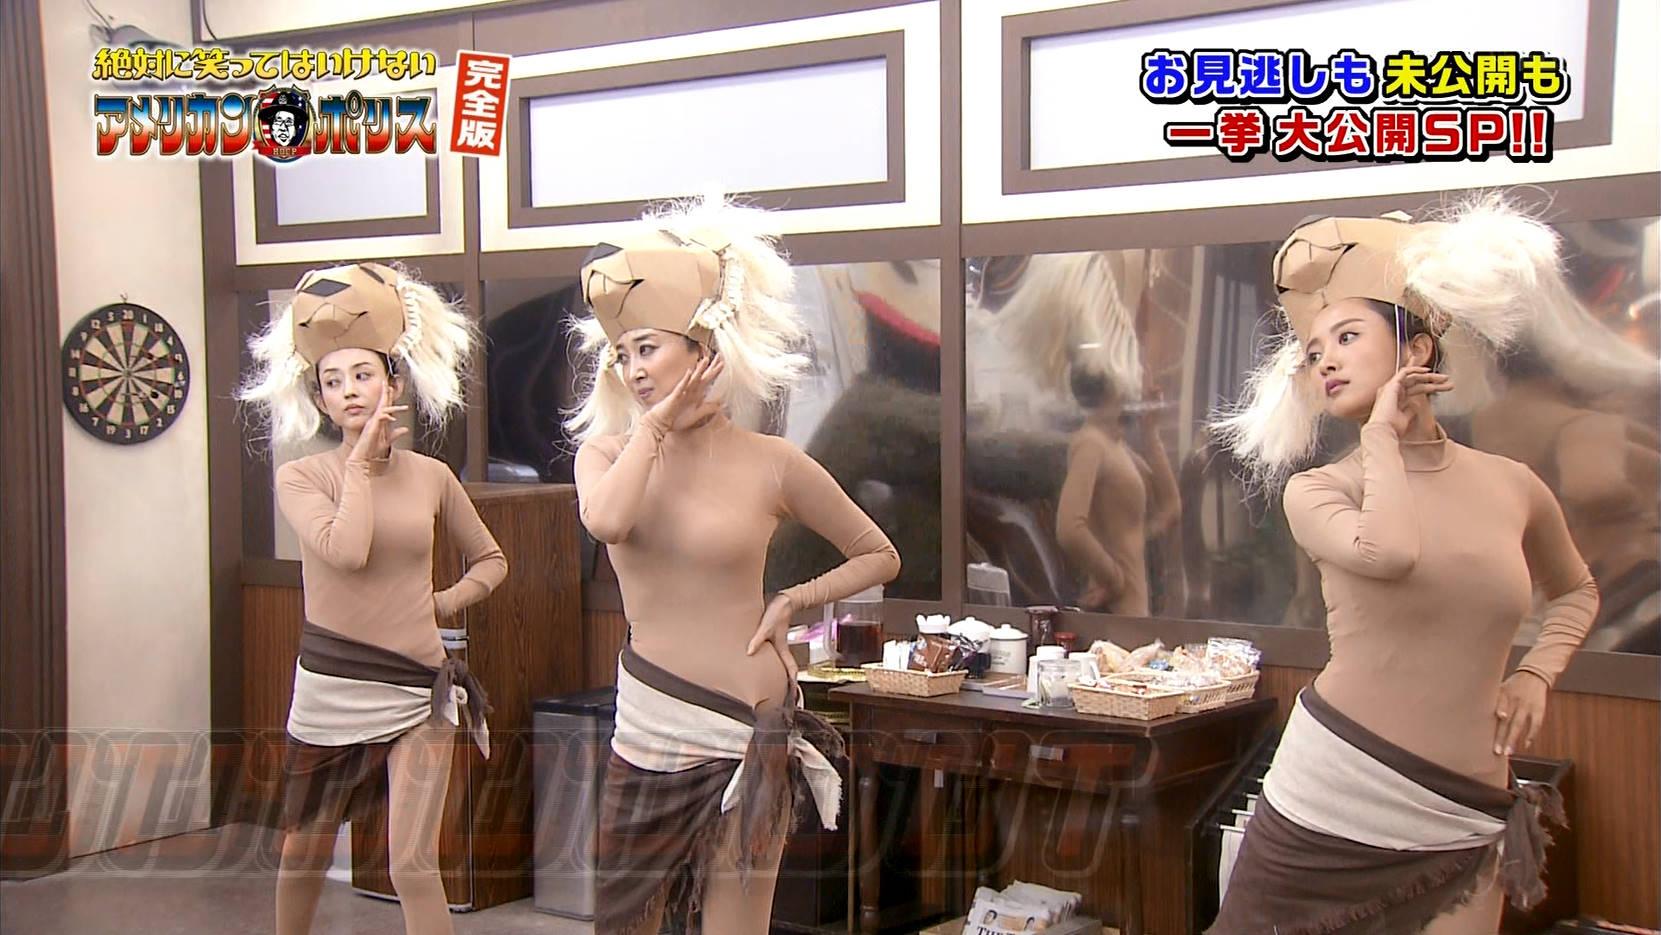 夏菜 全身タイツでお乳を振り回す☆☆wwwwwwwwwwwwwwww